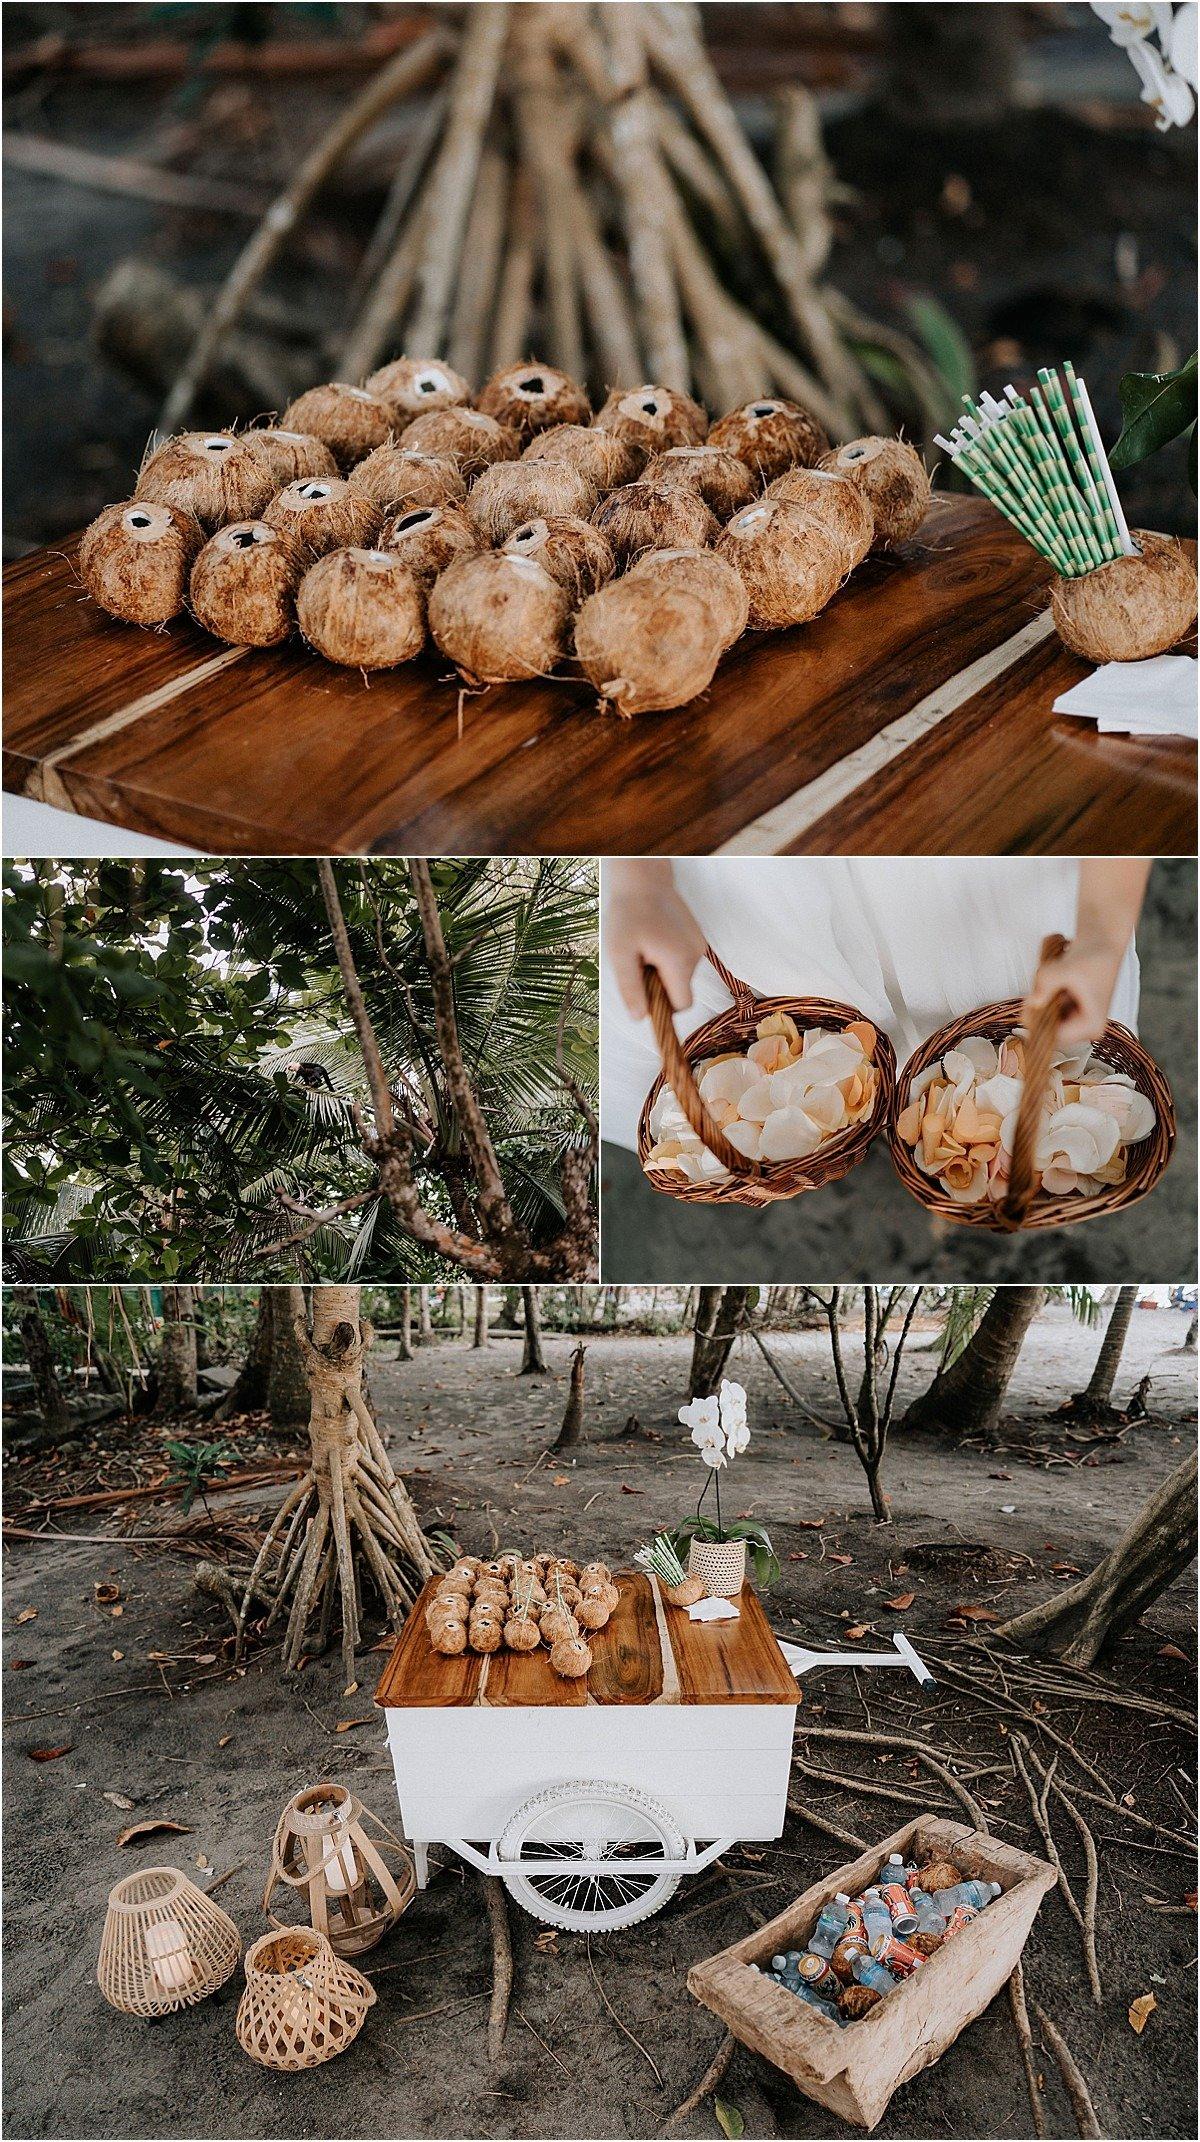 coconut cart on the beach fresh coconut milk